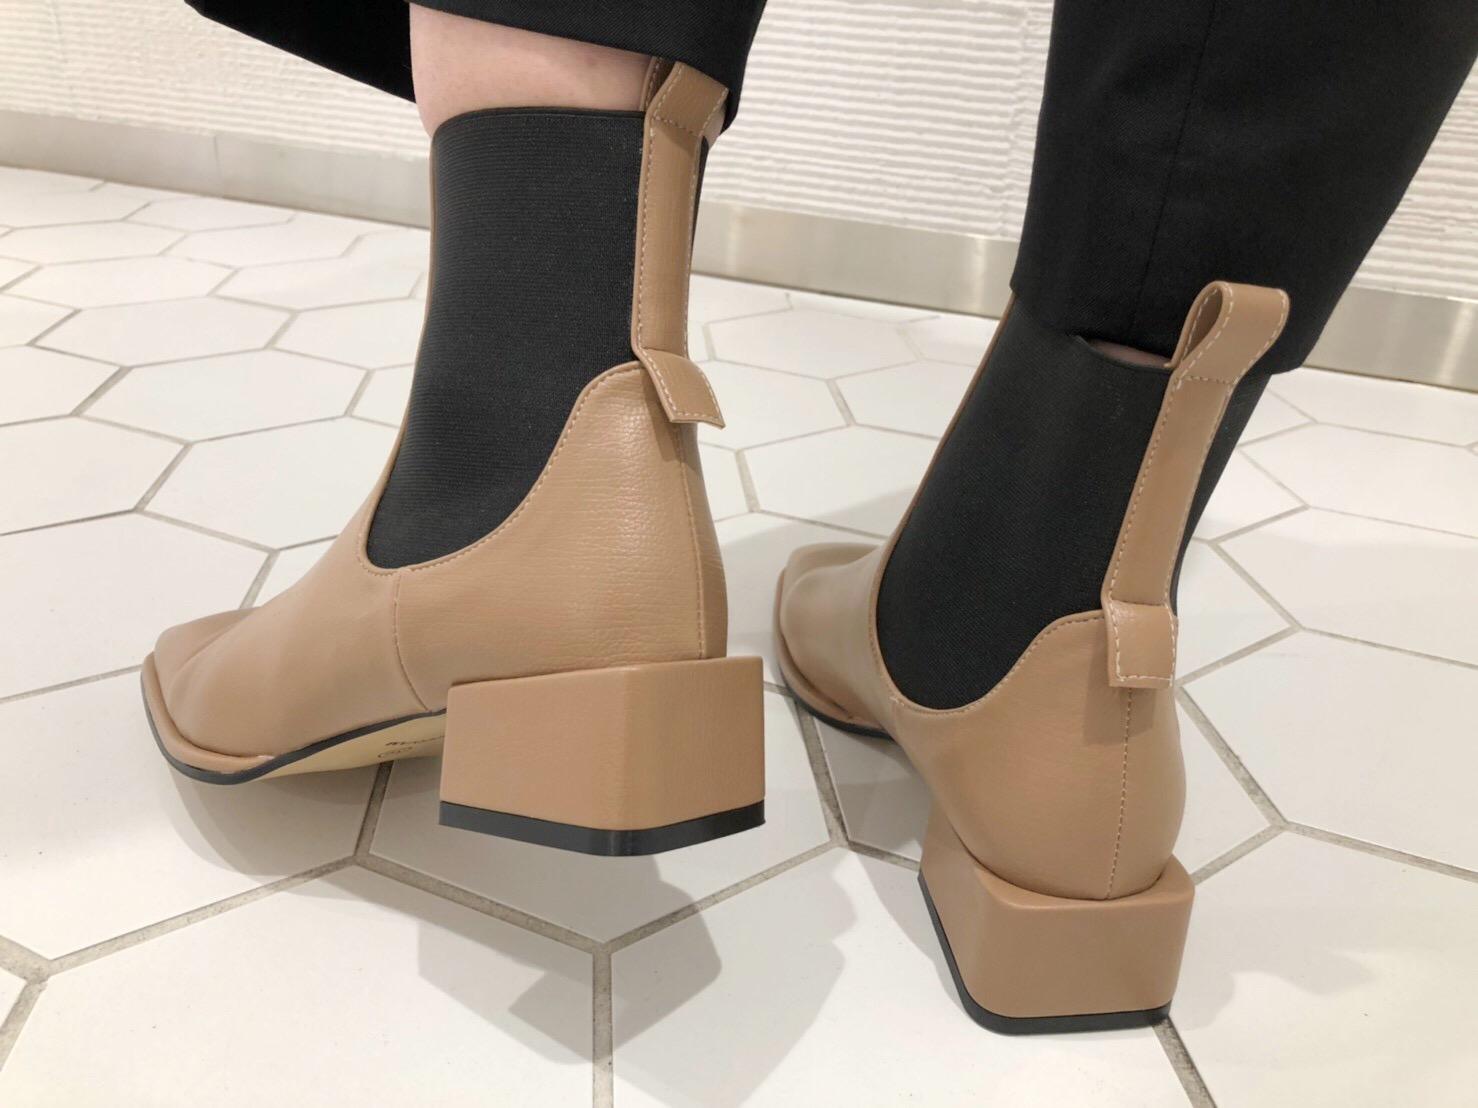 ScrapBook スクラップブック ブーツ boots 東武池袋 池袋東武 東武百貨店